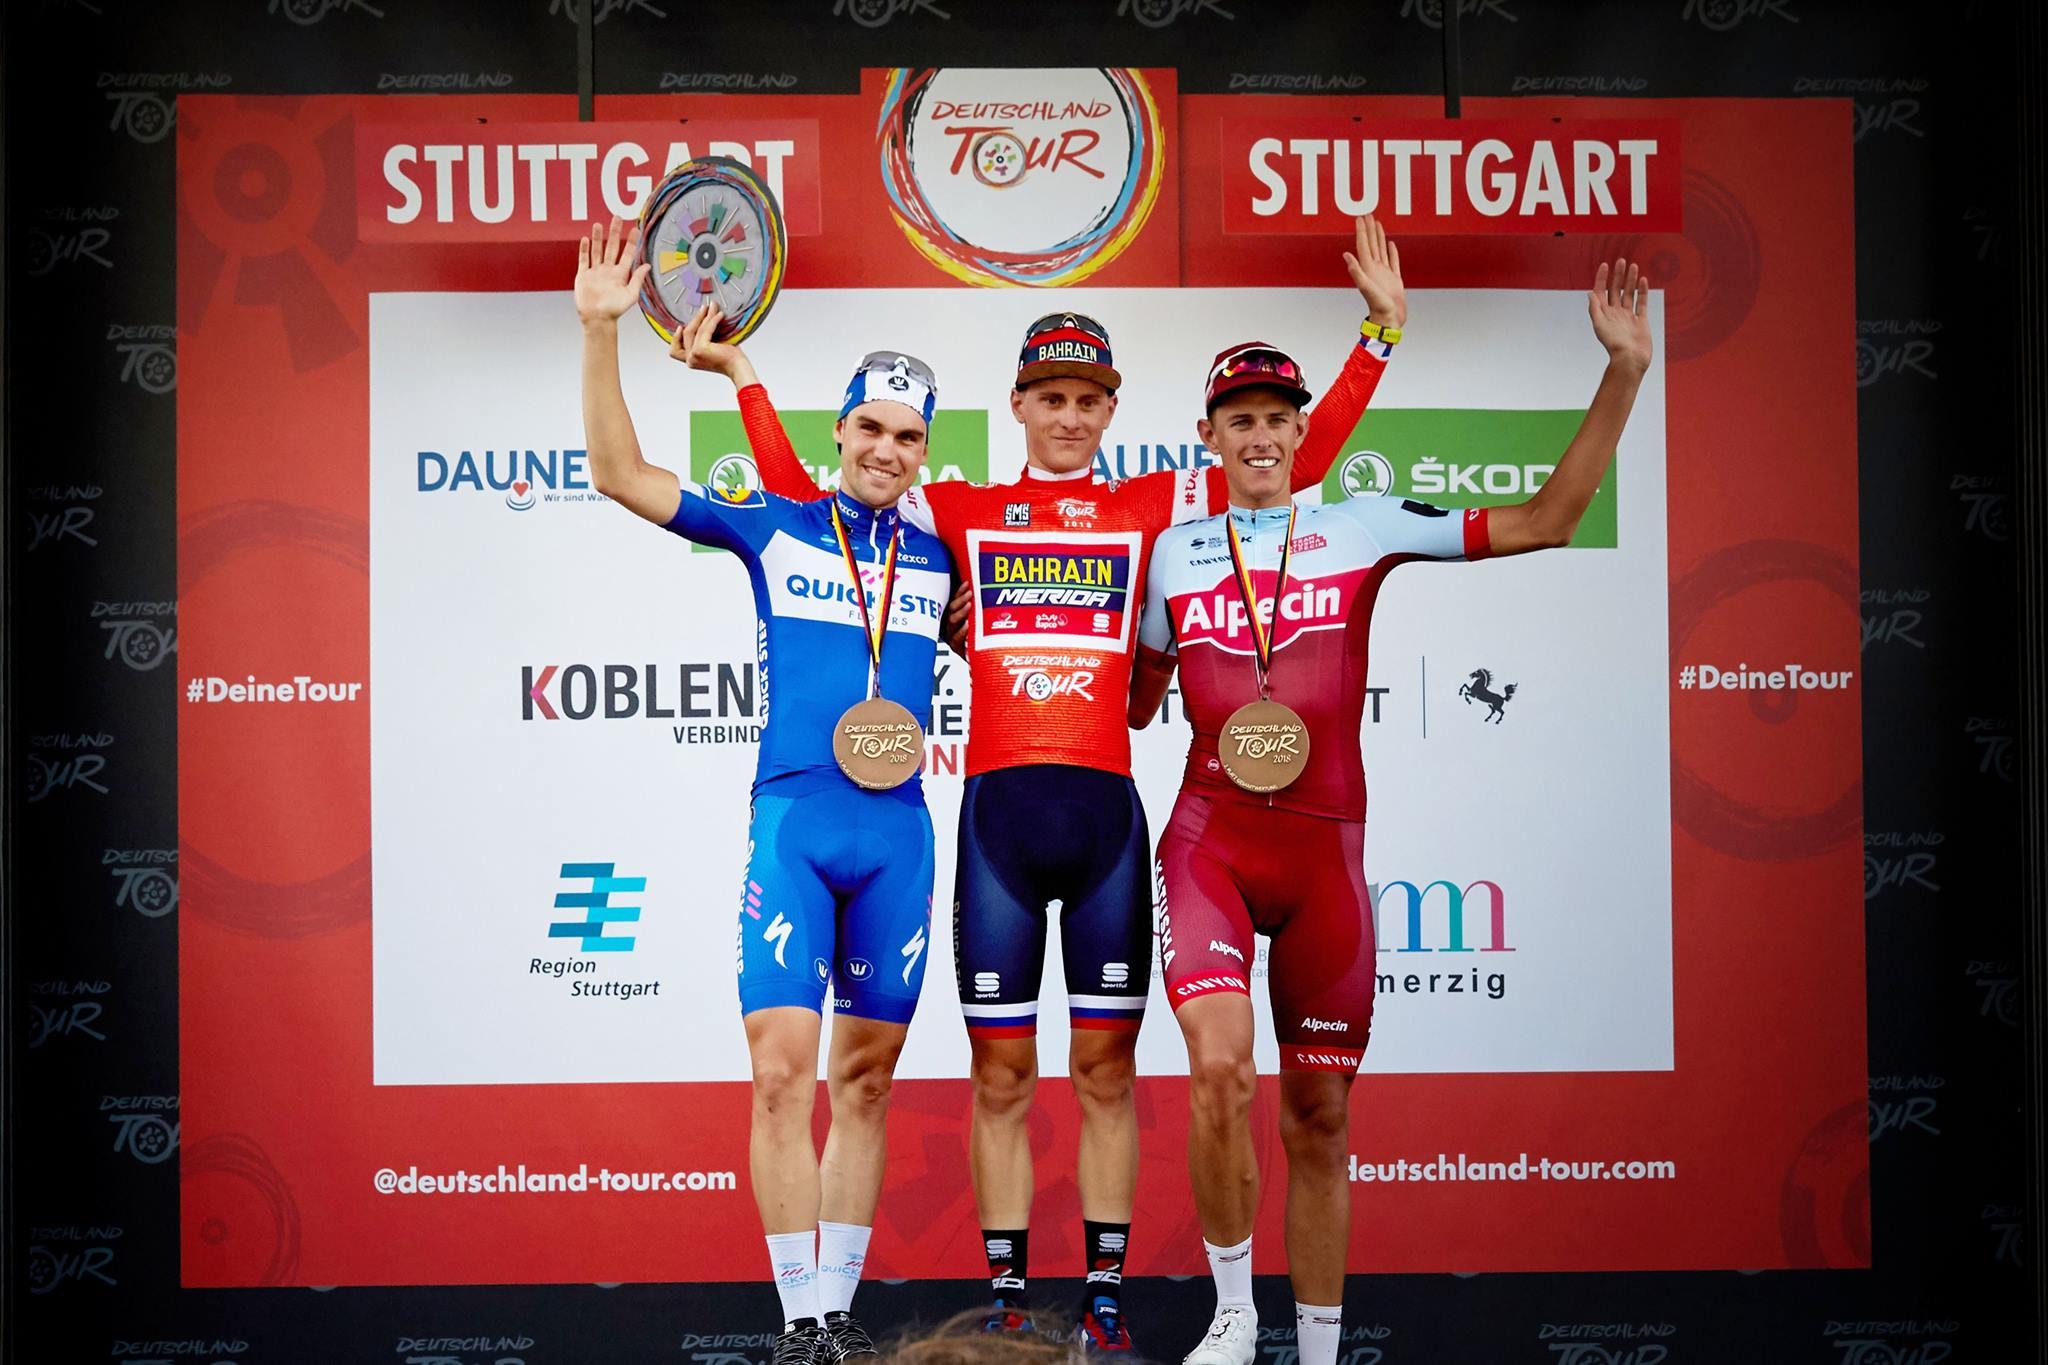 Il podio finale del Deutschland Tour 2018 vinto da Matej Mohoric